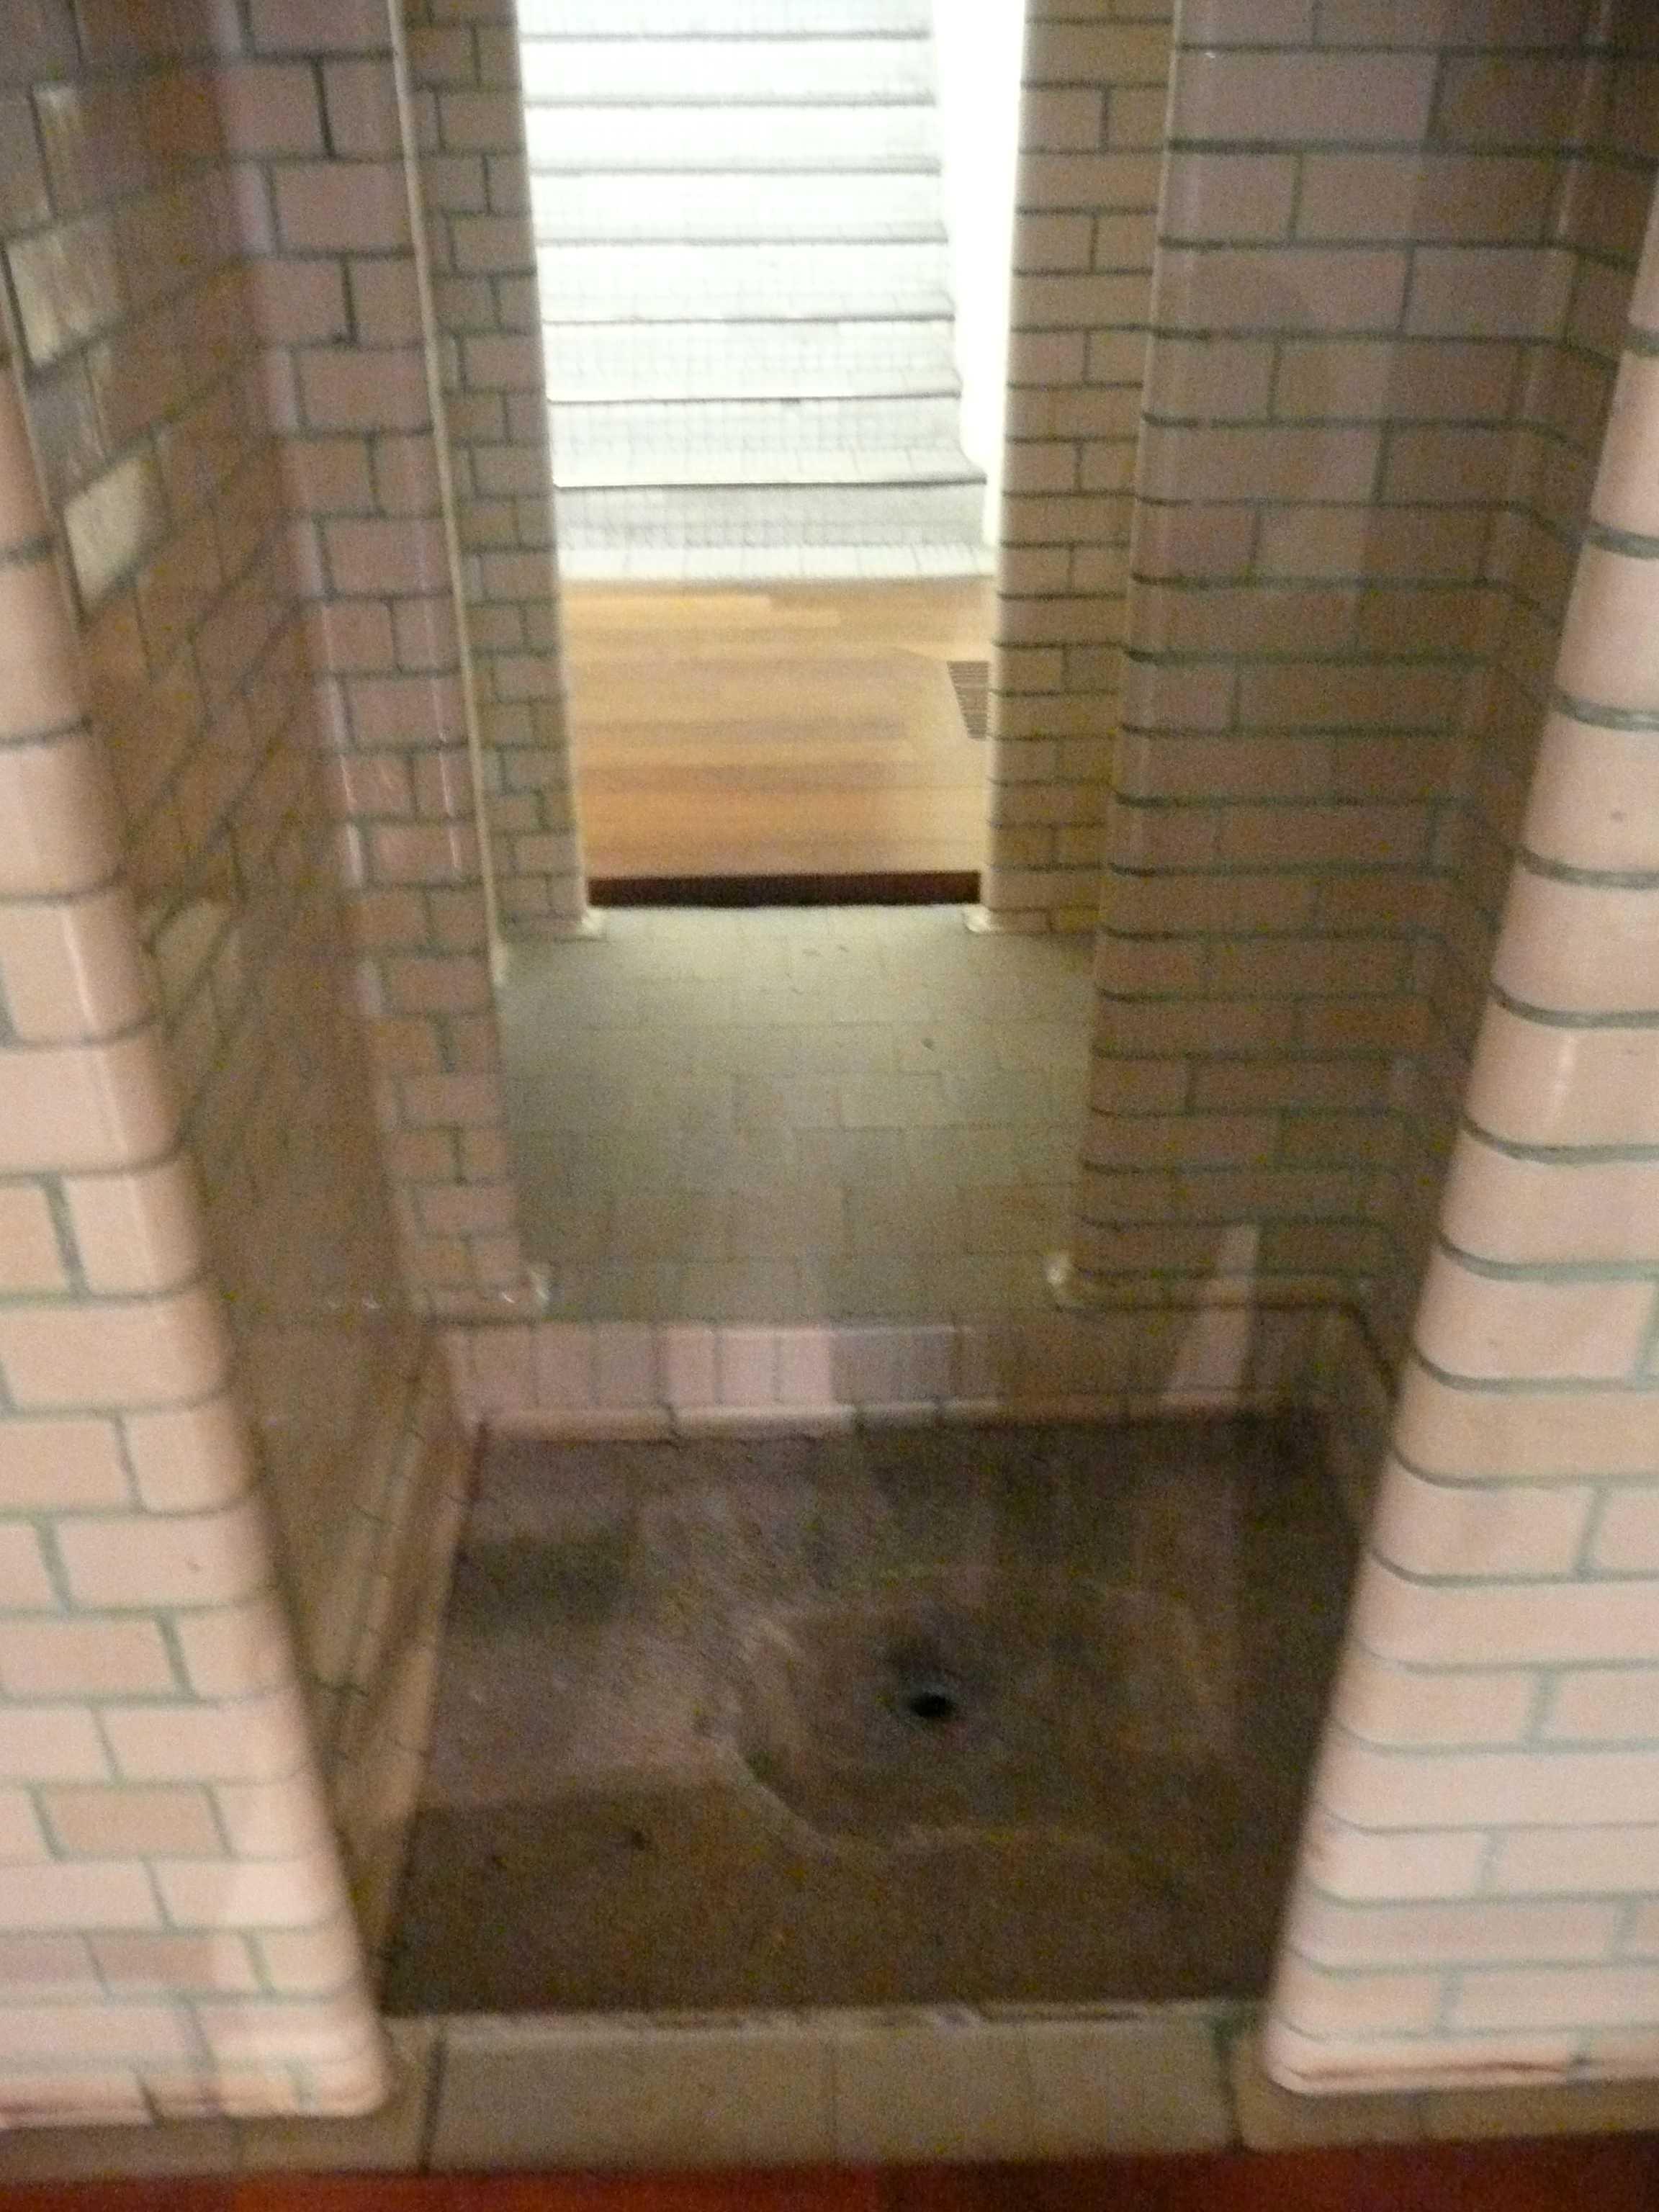 Bains douches la piscine de roubaix tous les for Piscine roubaix